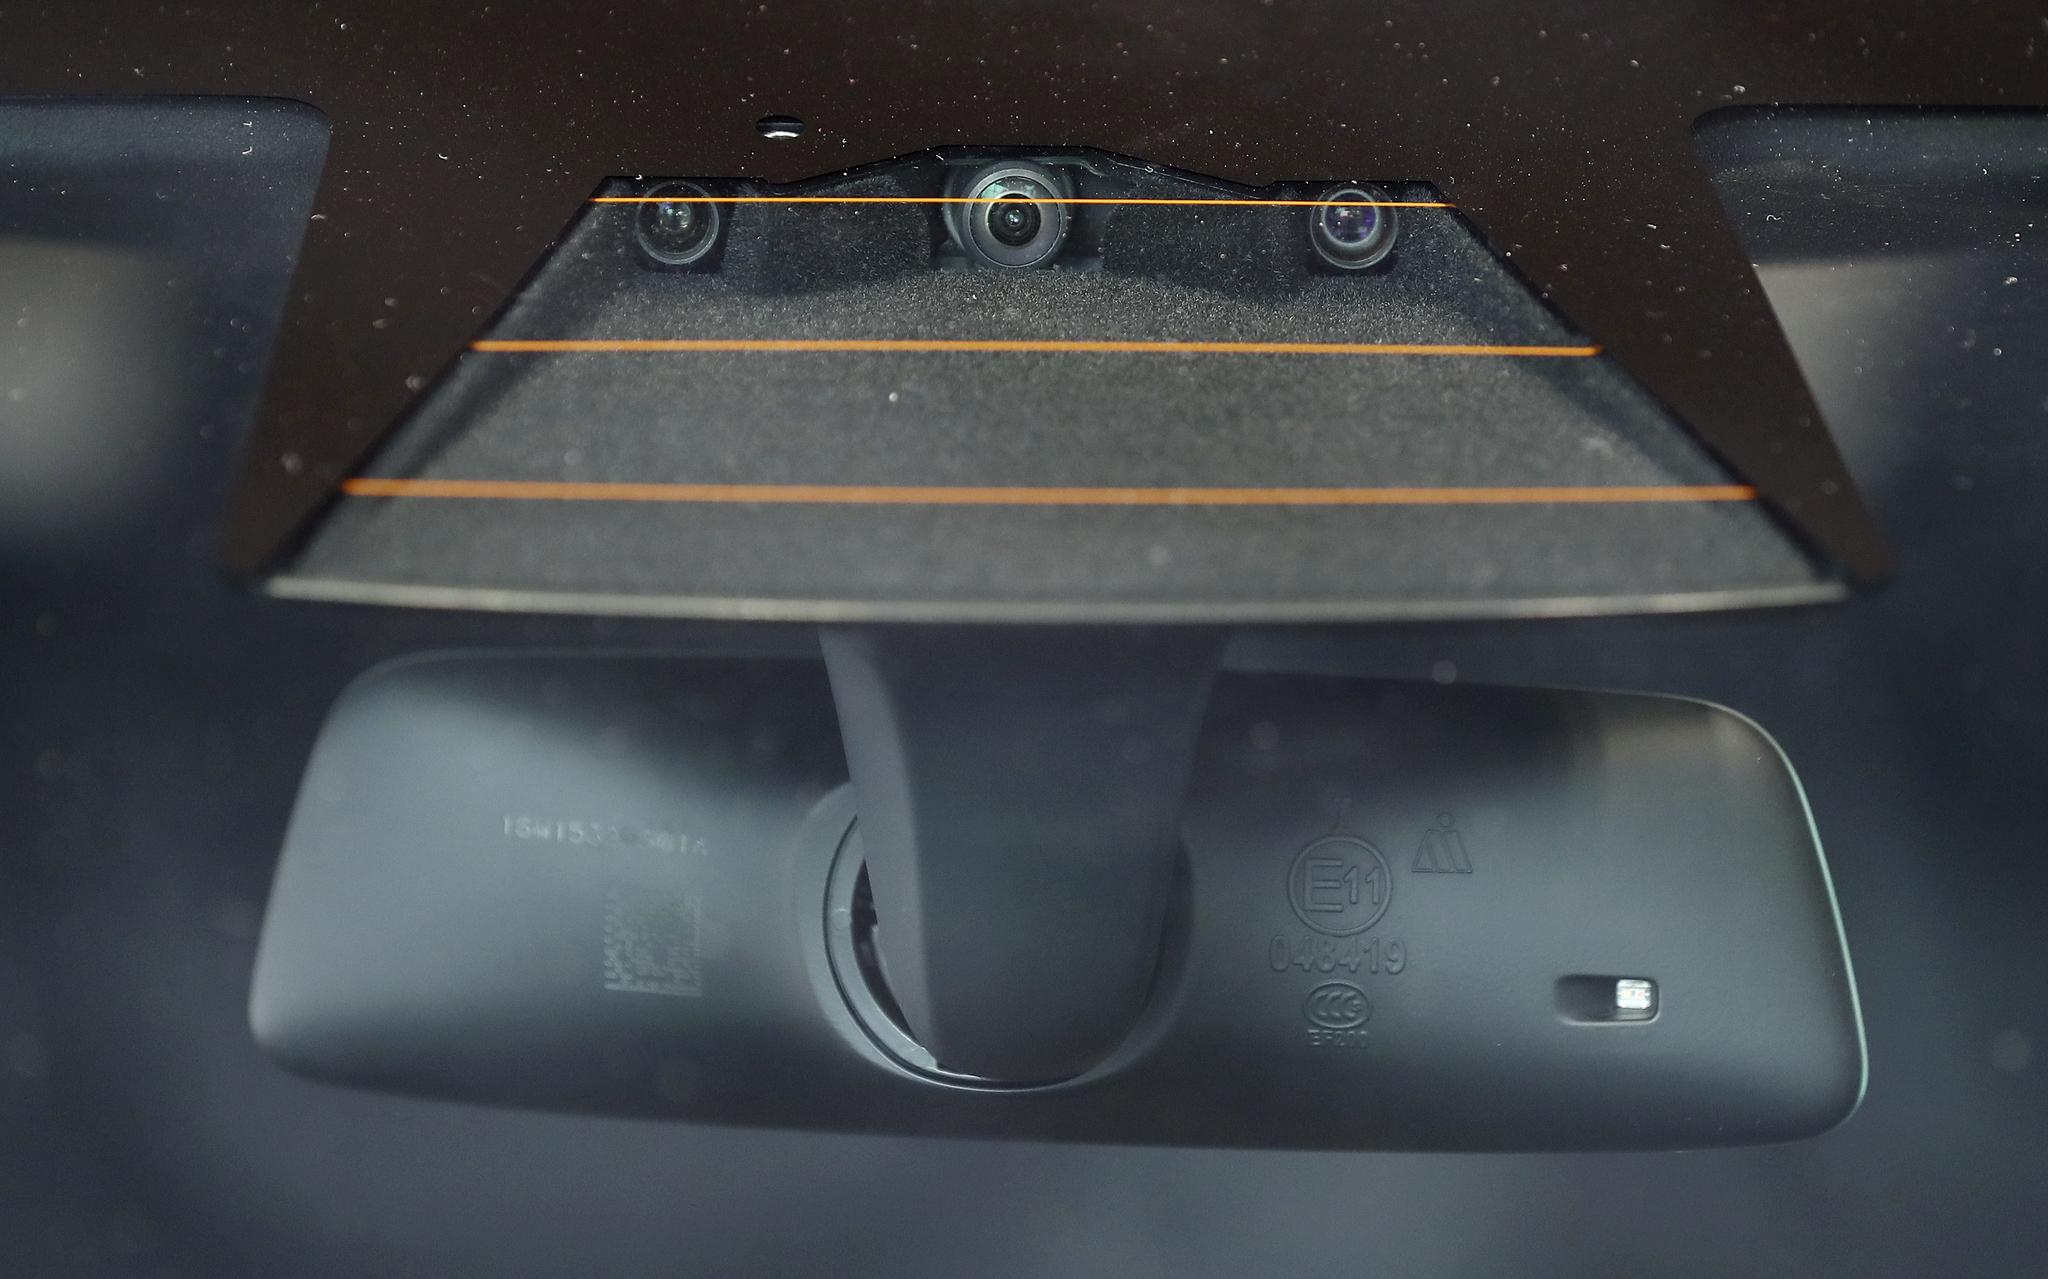 테슬라 모델S 90D 전방에 오토파일럿을 지원하는 카메라가 보인다. 오토파일럿은 자동 긴급 제동 시스템과 전방 충돌 경고와 능동적인 차선유지등 높은 수준의 자율 주행이 가능하다. 완전자율 주행을 위해 총8대의 카메라가 설치된다./20170328/김현동 기자